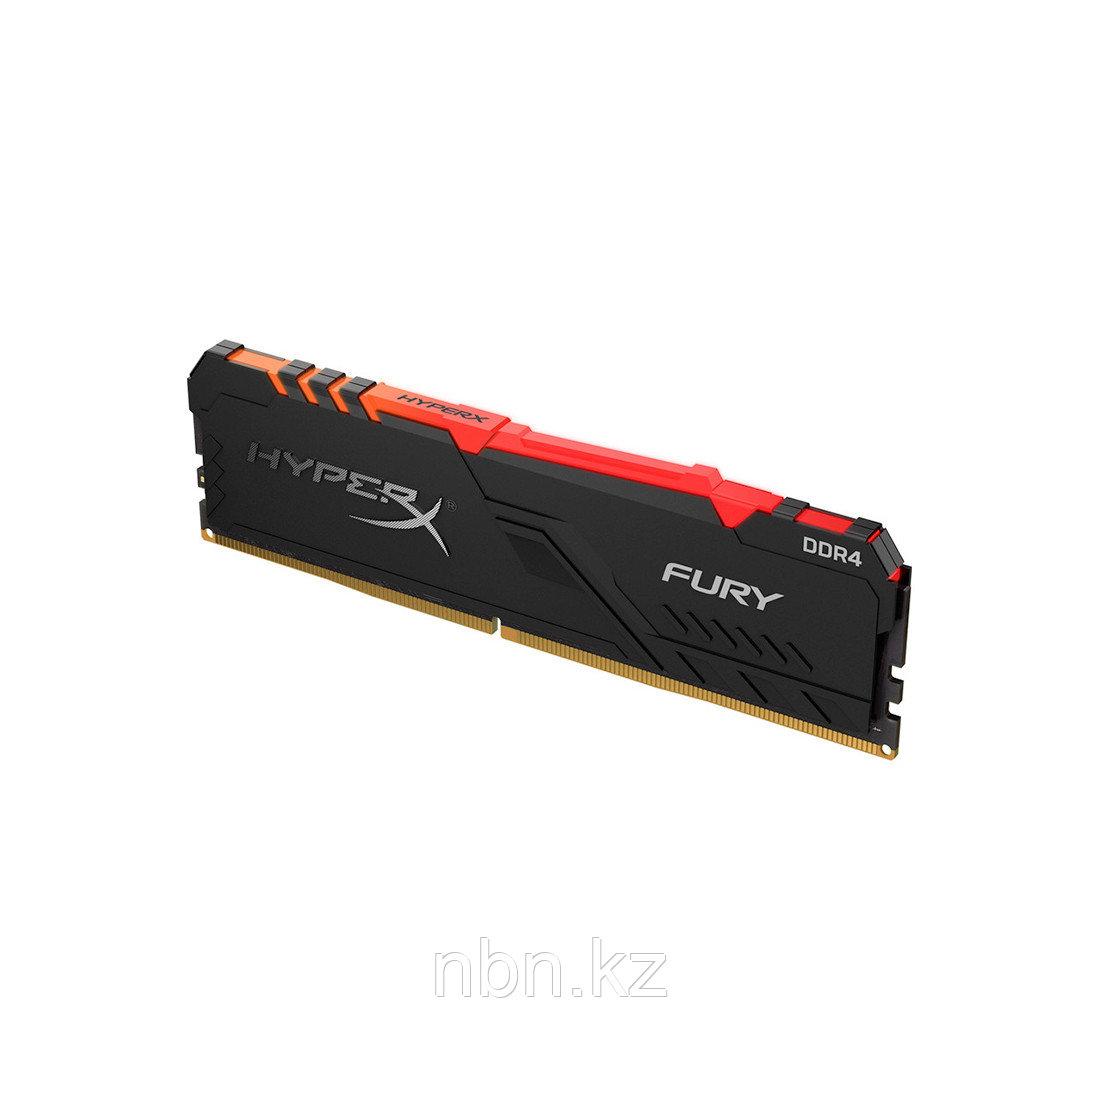 Модуль памяти Kingston HyperX Fury RGB HX430C15FB3A/8 DDR4 8G 3000MHz